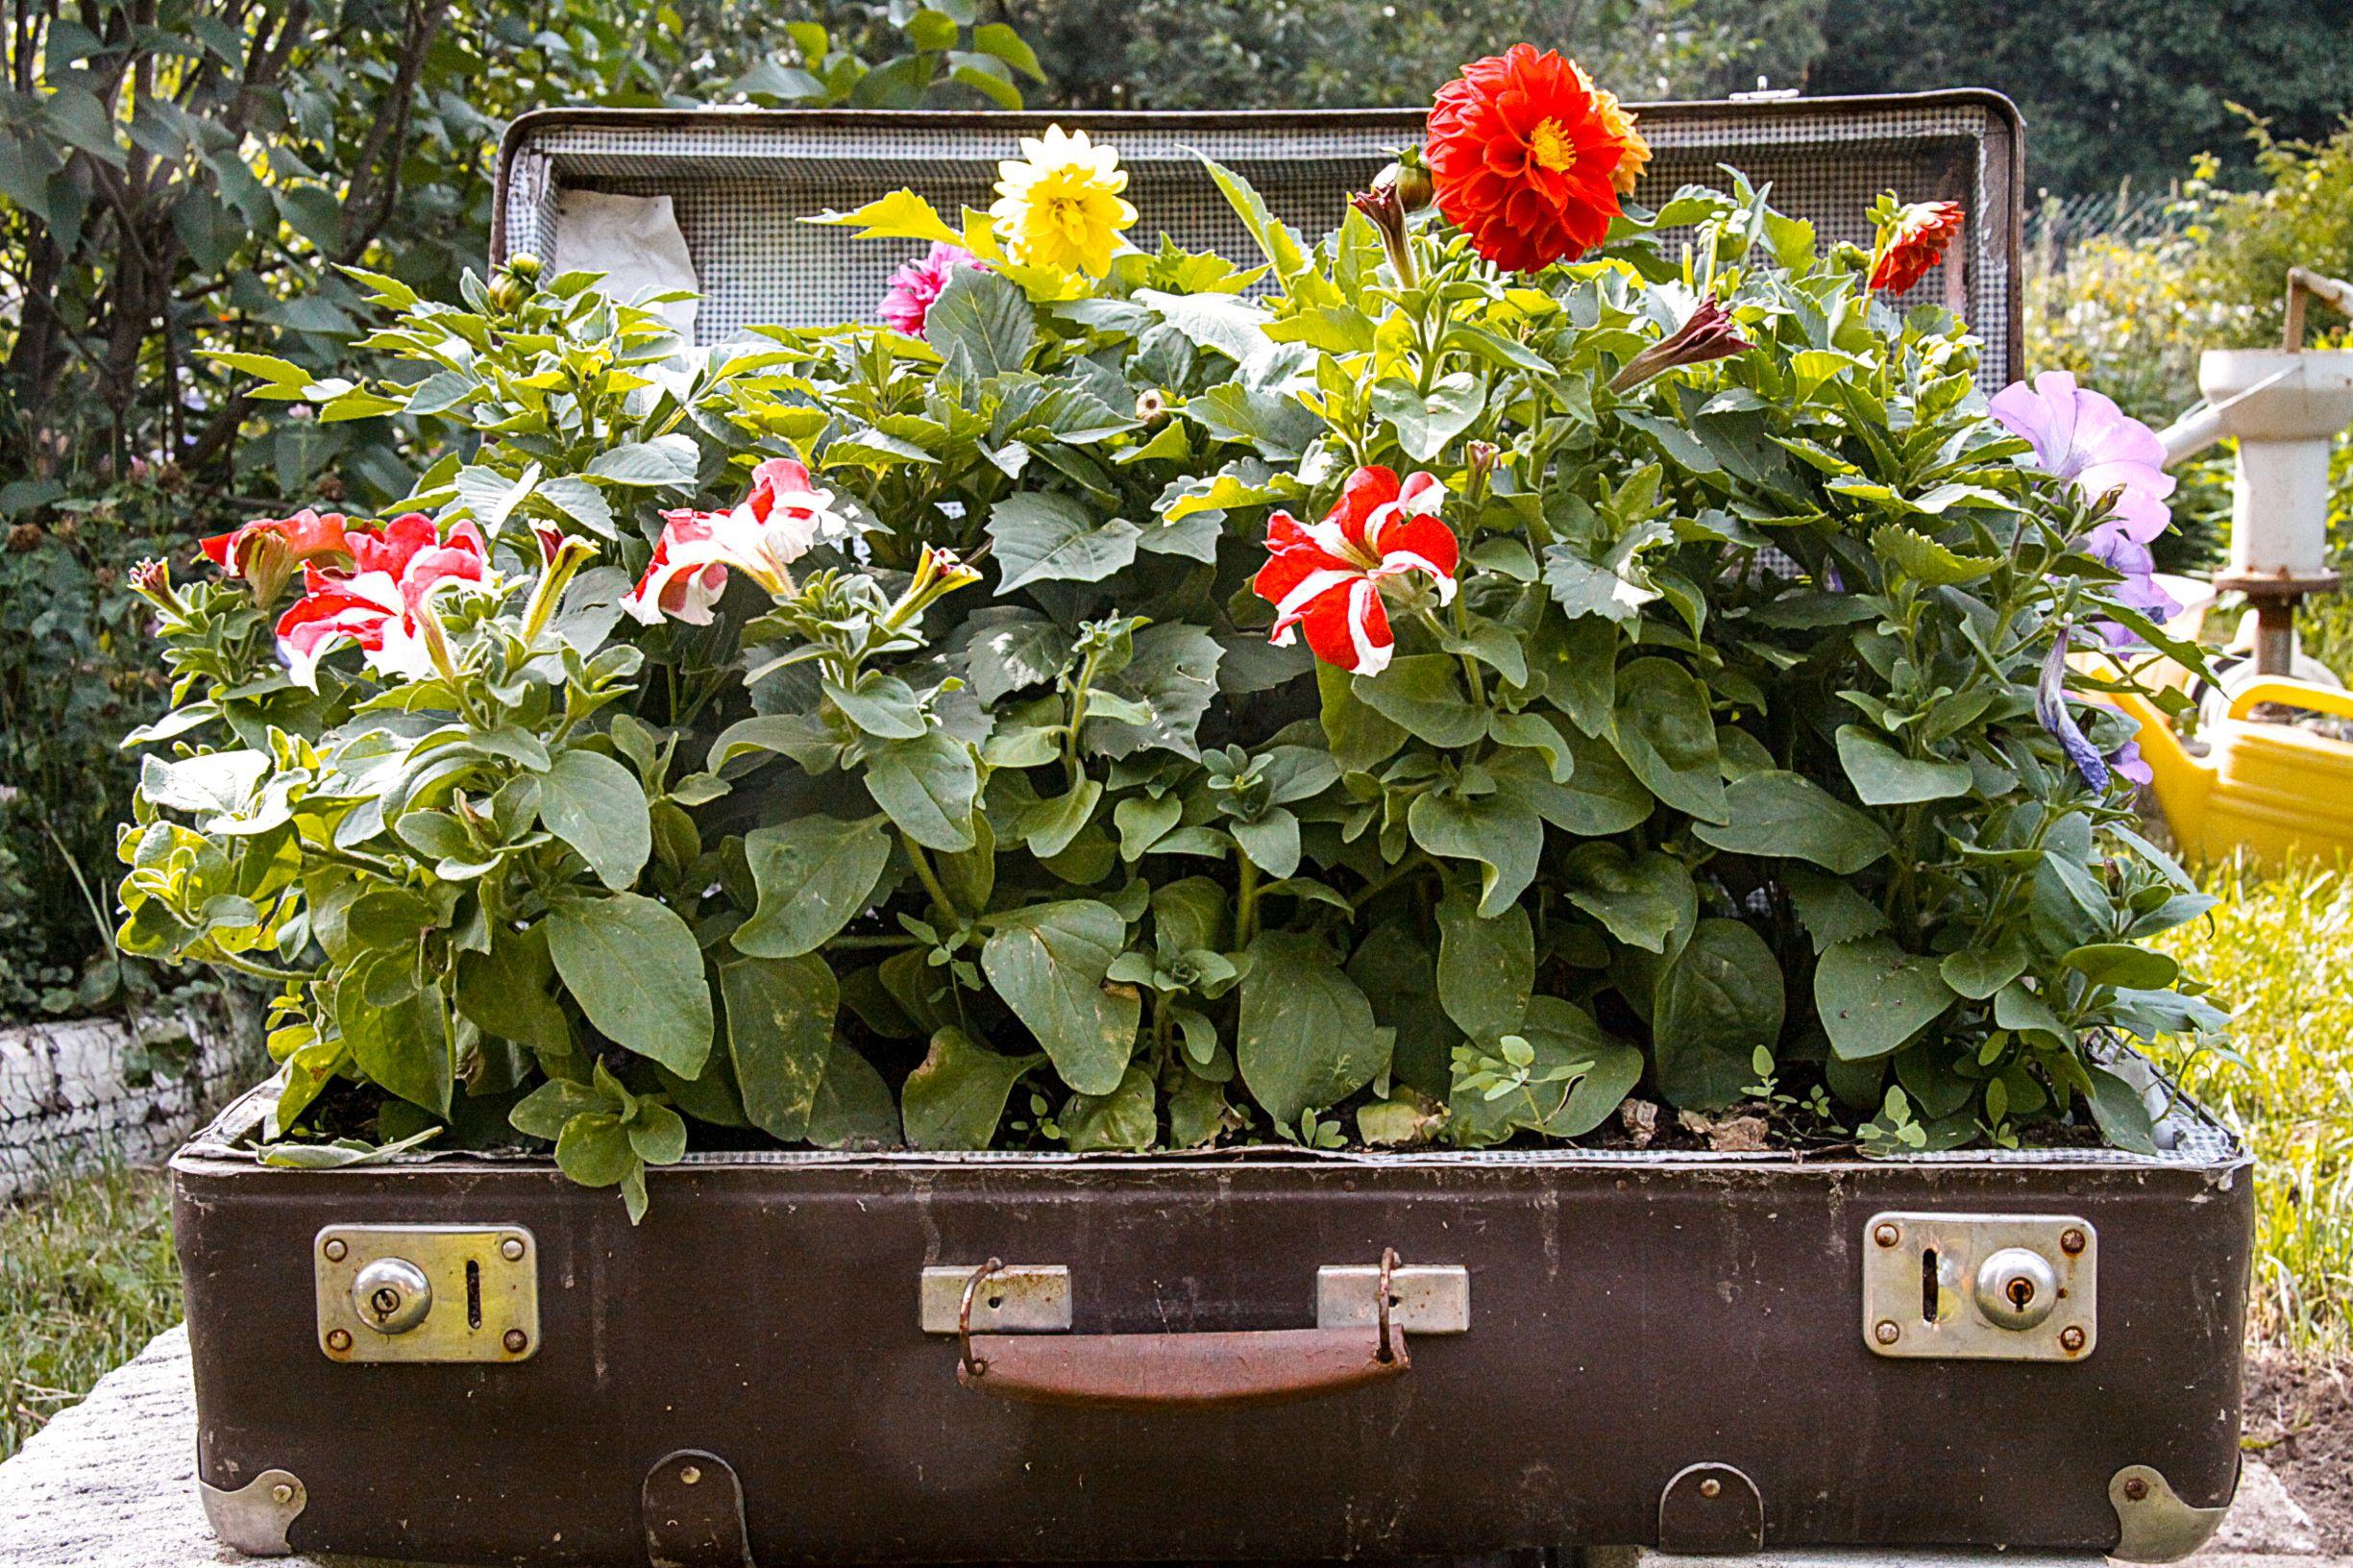 Garden Suitcase Planter